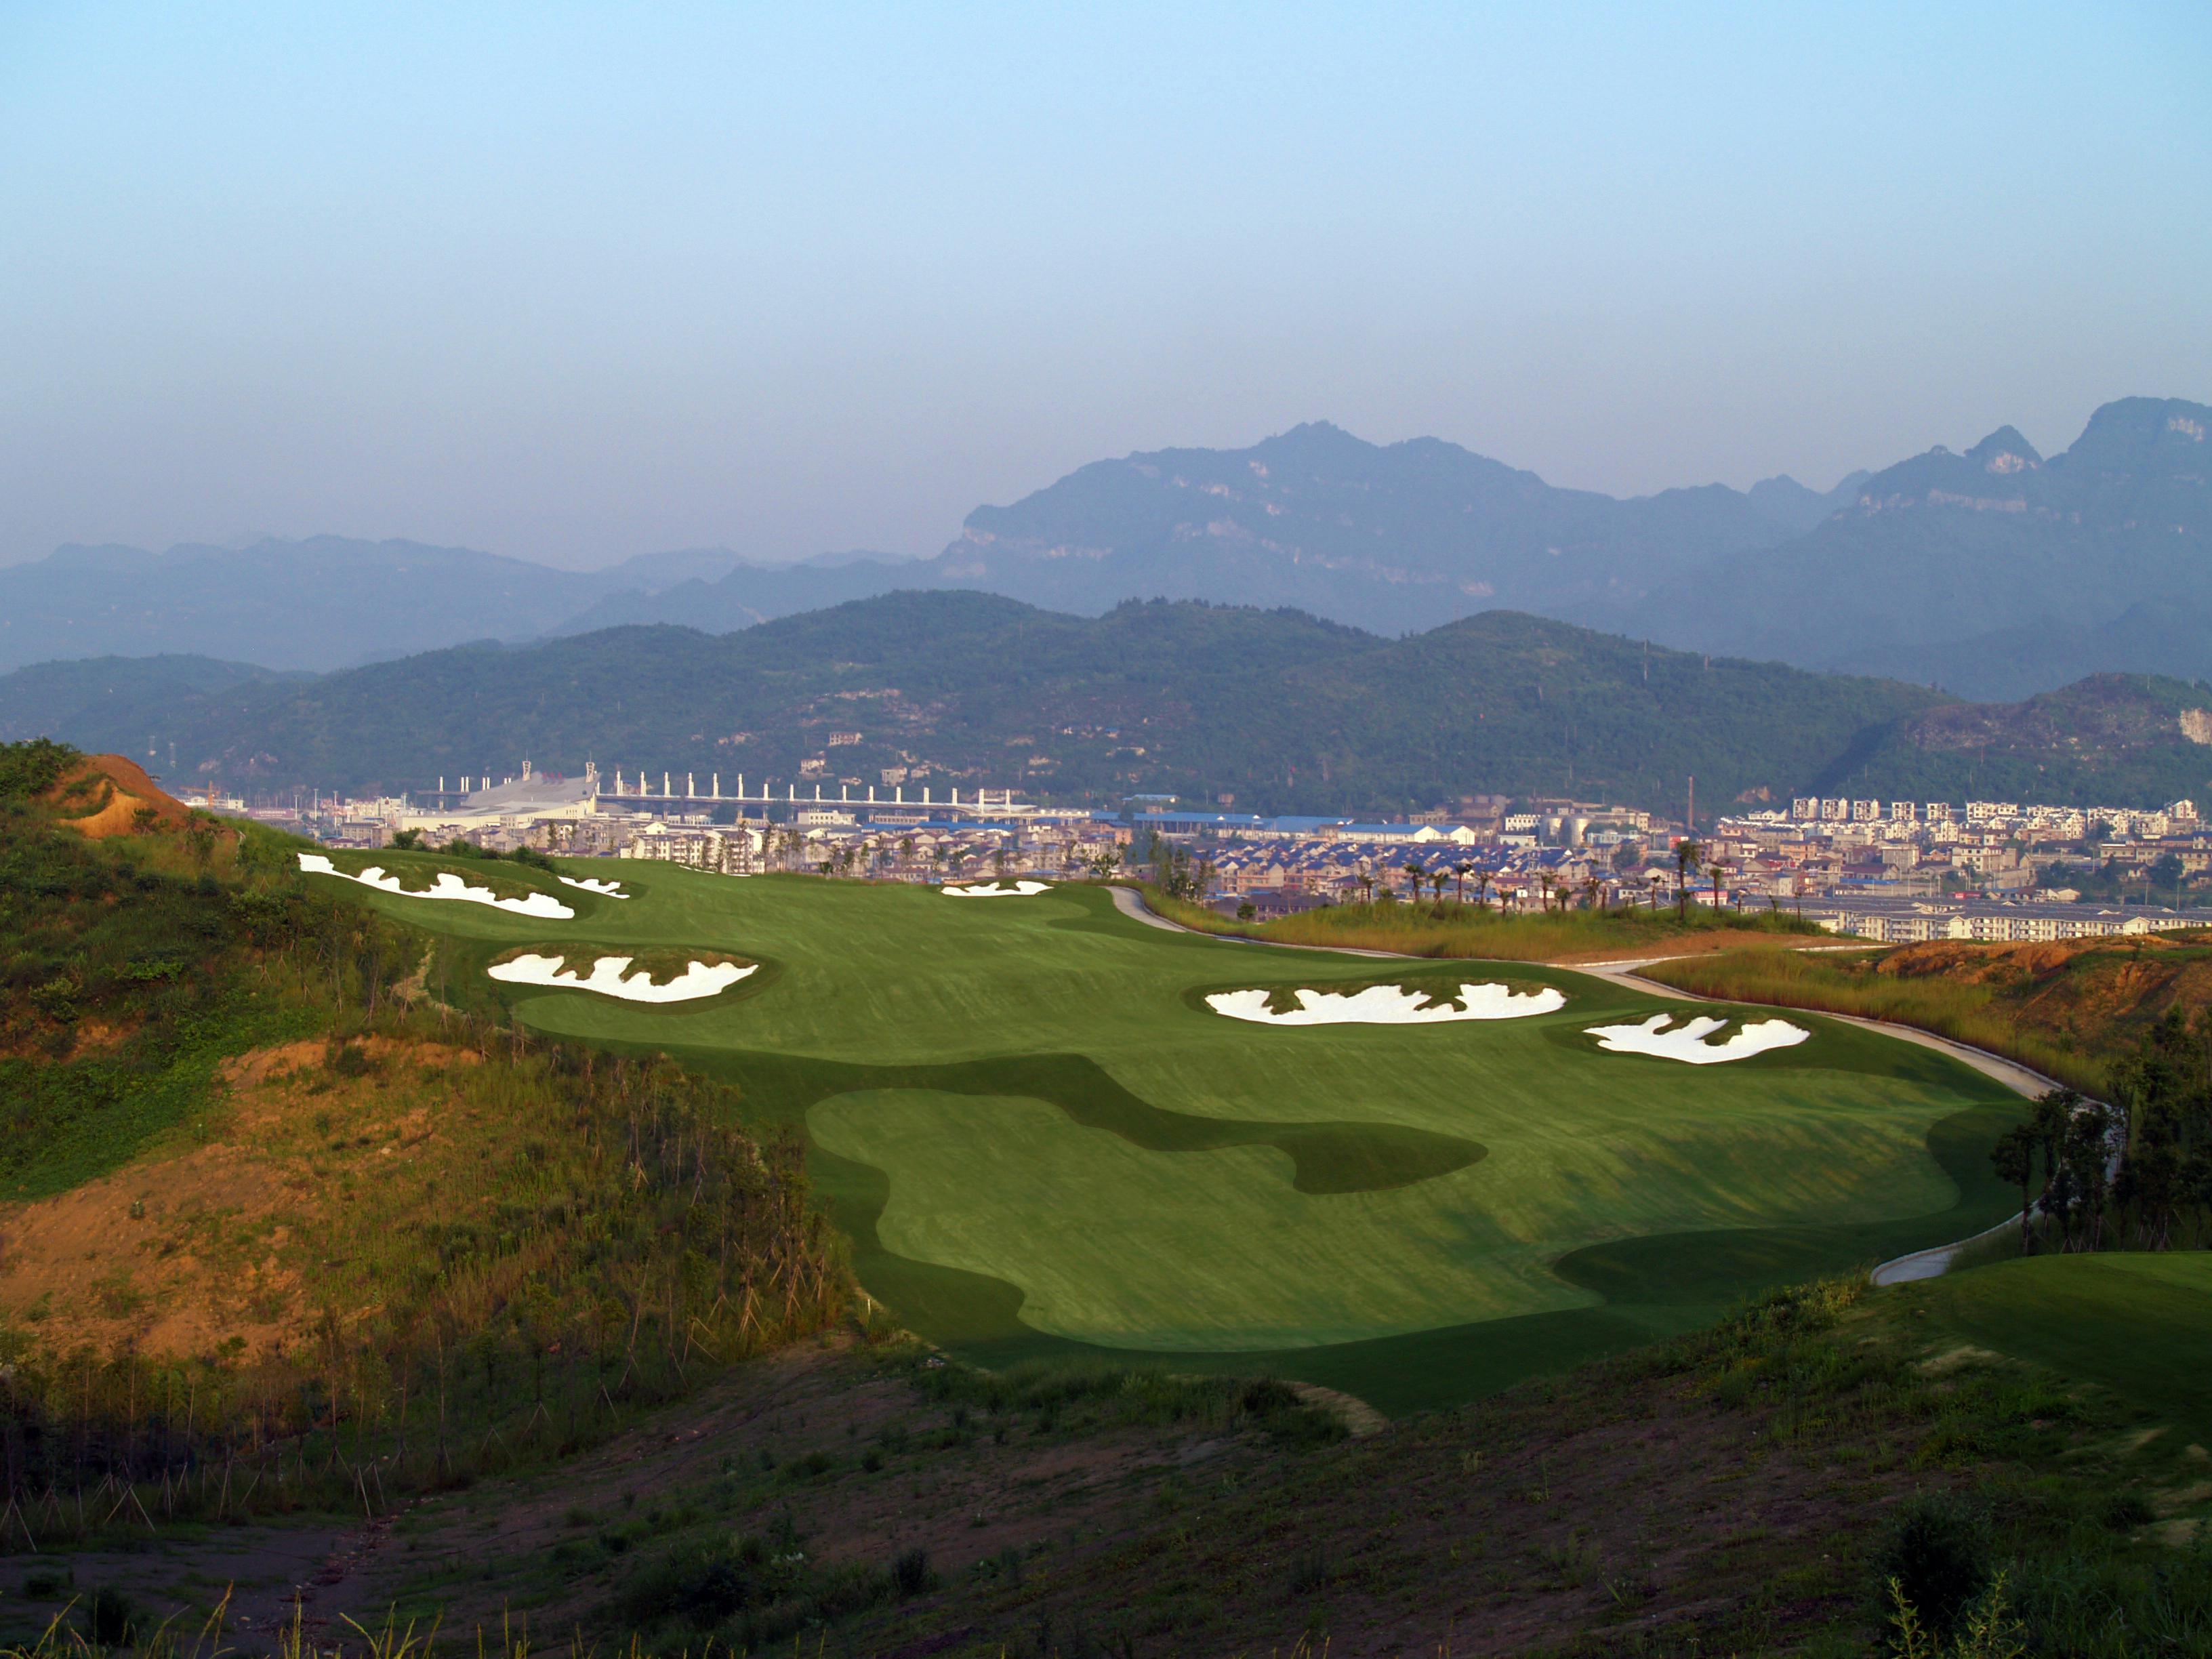 Skydoor Golf Course - #C4